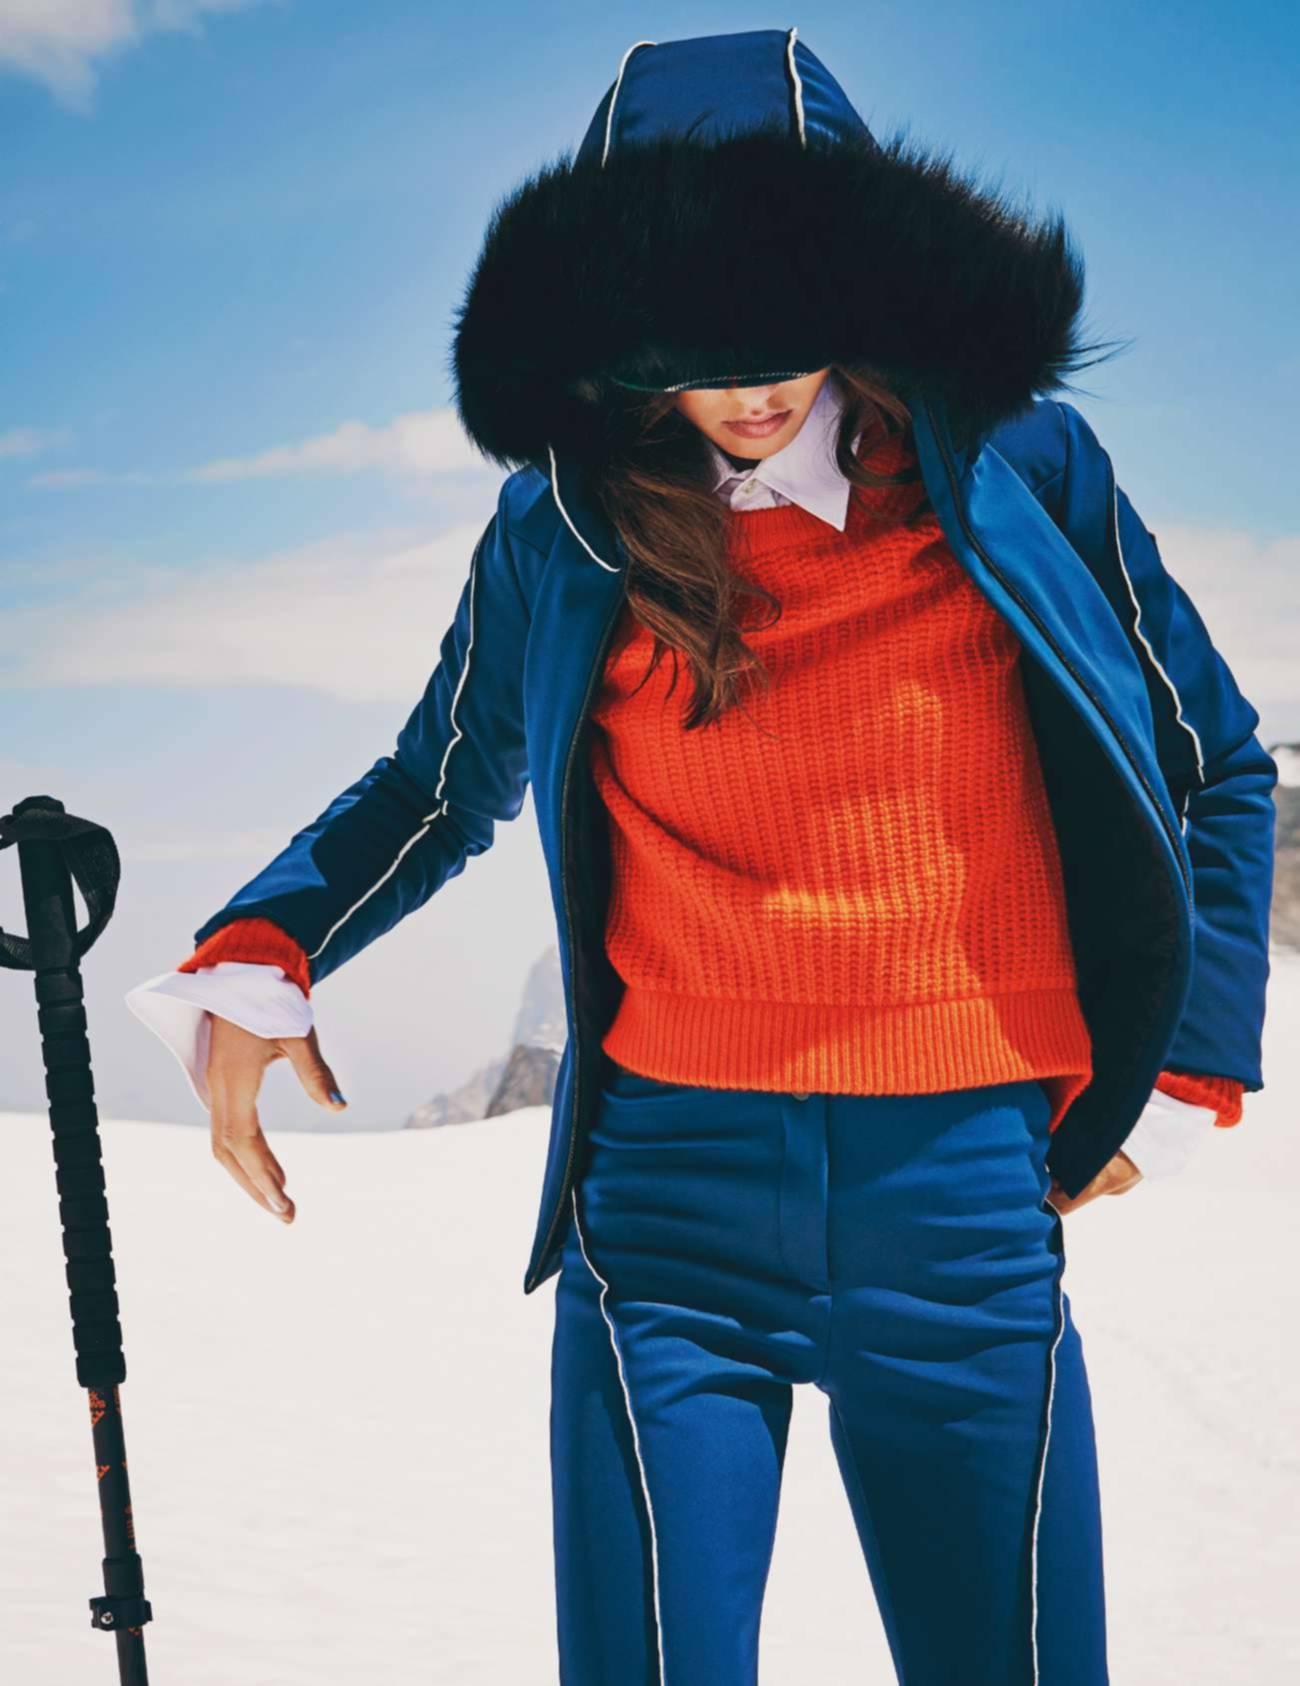 куртка с капюшоном, брюки, Fendi; свитер из кашемира, Éric Bompard; рубашка из хлопкового поплина, Alain Figaret; палки для горных лыж, Black Crows